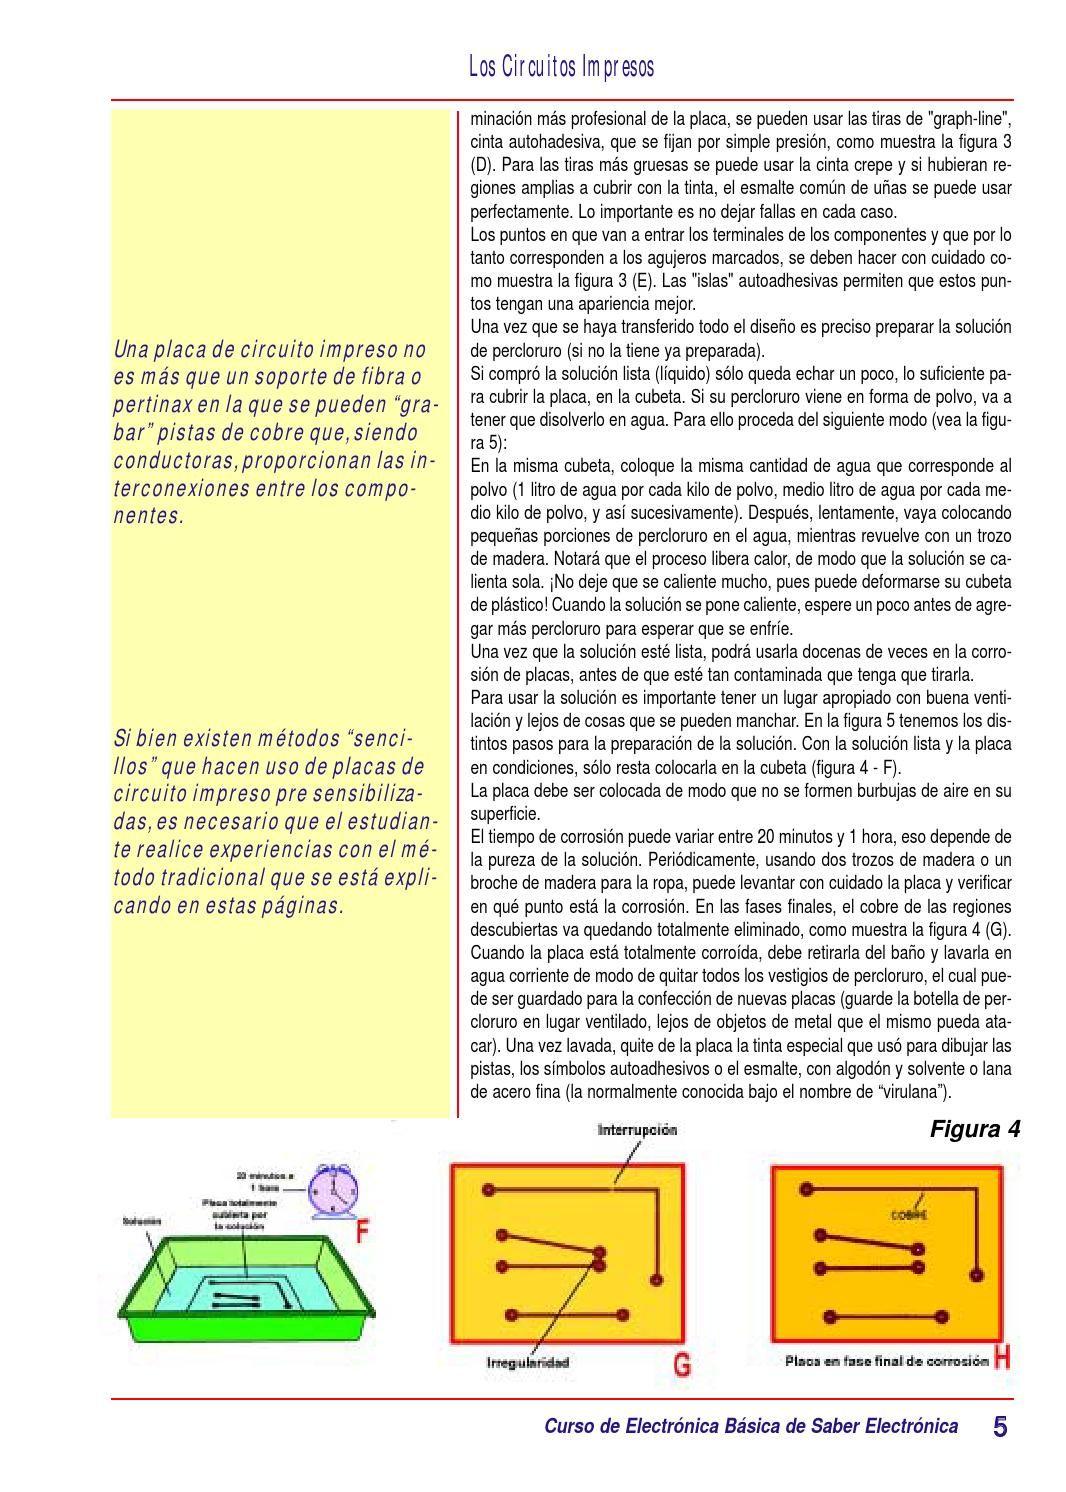 Tomo 2 Placa De Circuito Impreso Circuitos Impresos Circuitos